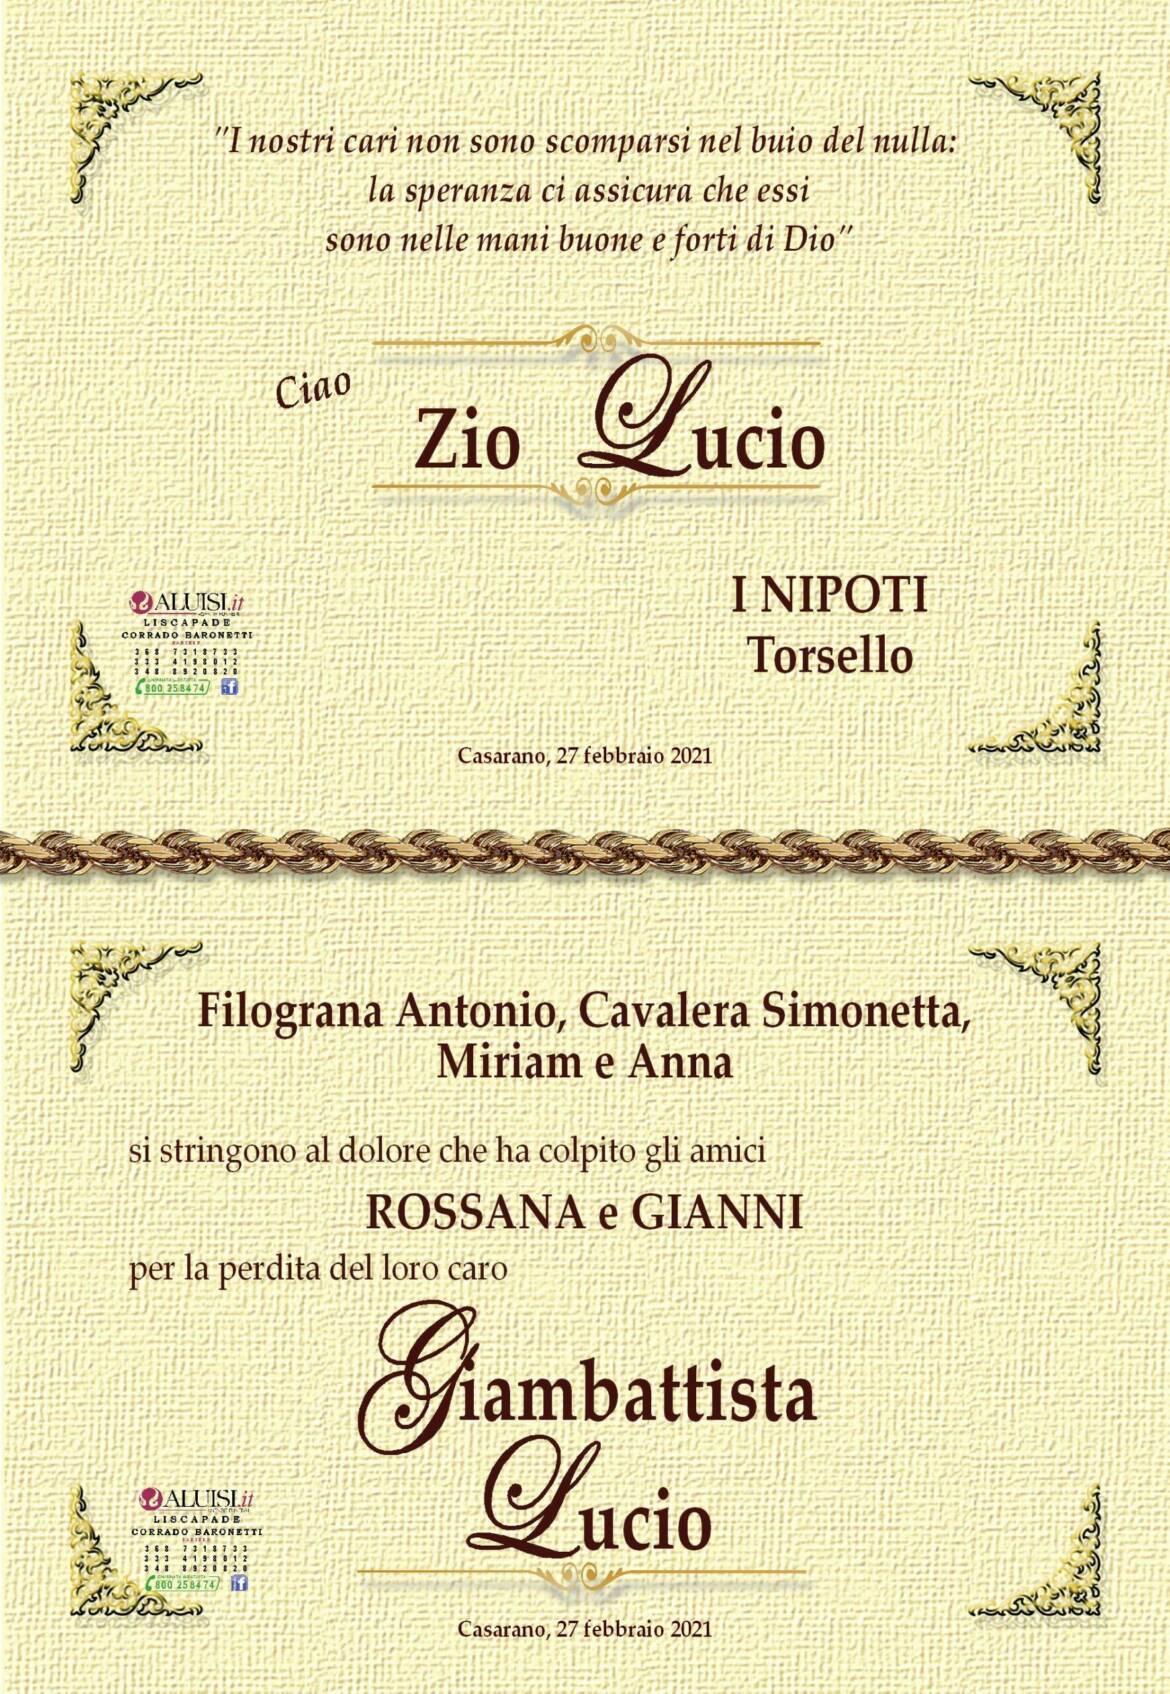 PARTECIPAZIONI-GIAMBATISTA-CASRANO6-scaled.jpg